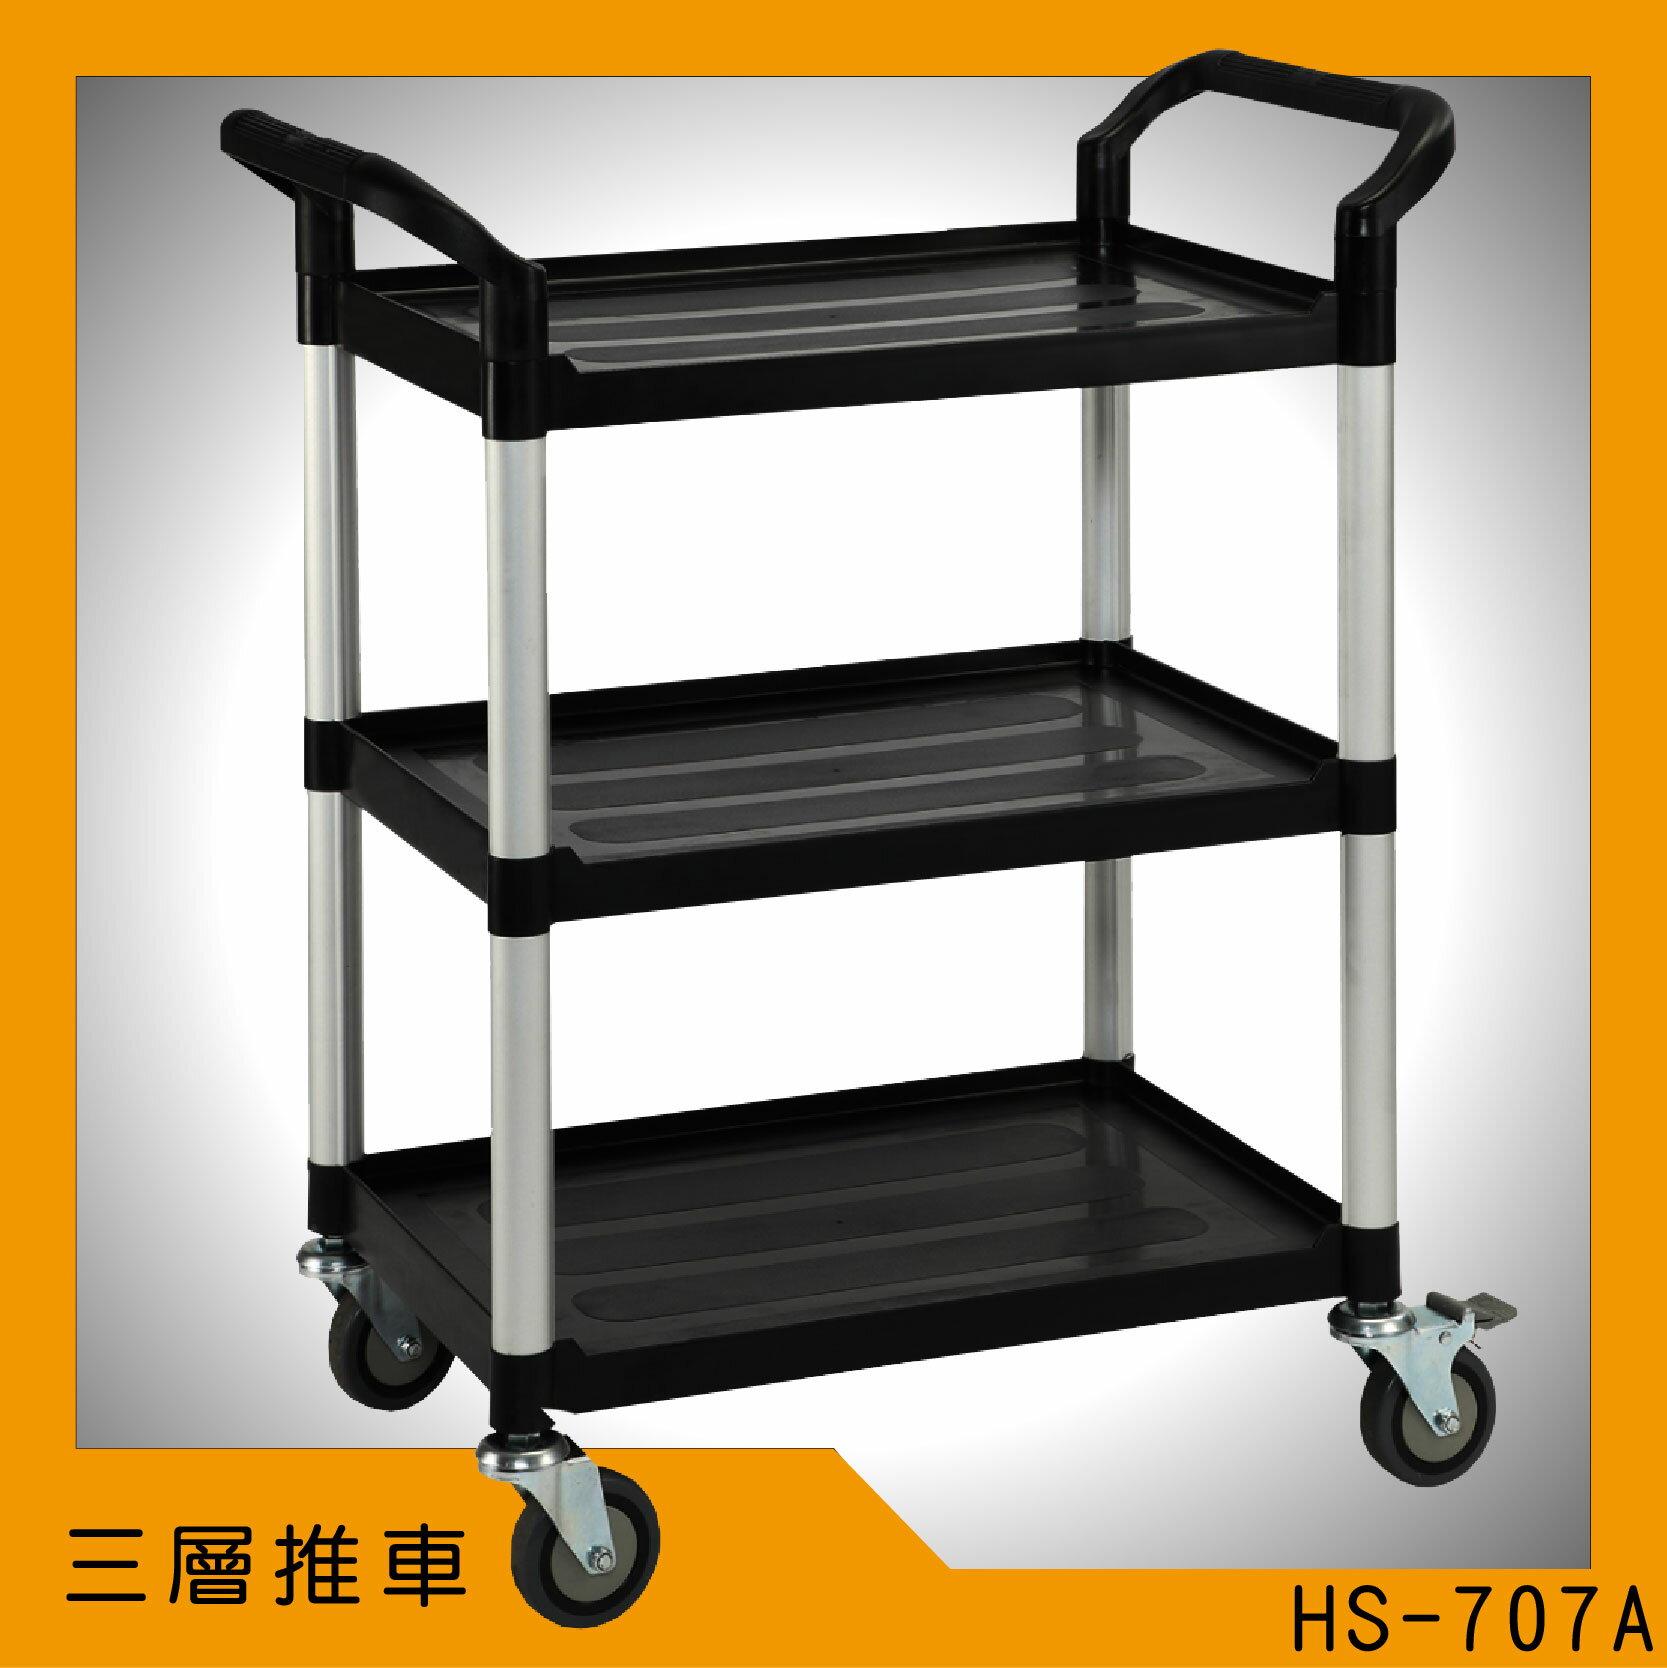 【當天出貨】華塑 HS-707A 新型三層推車 餐廳飯店 推車 工具車 運送 收納 餐車三層推車